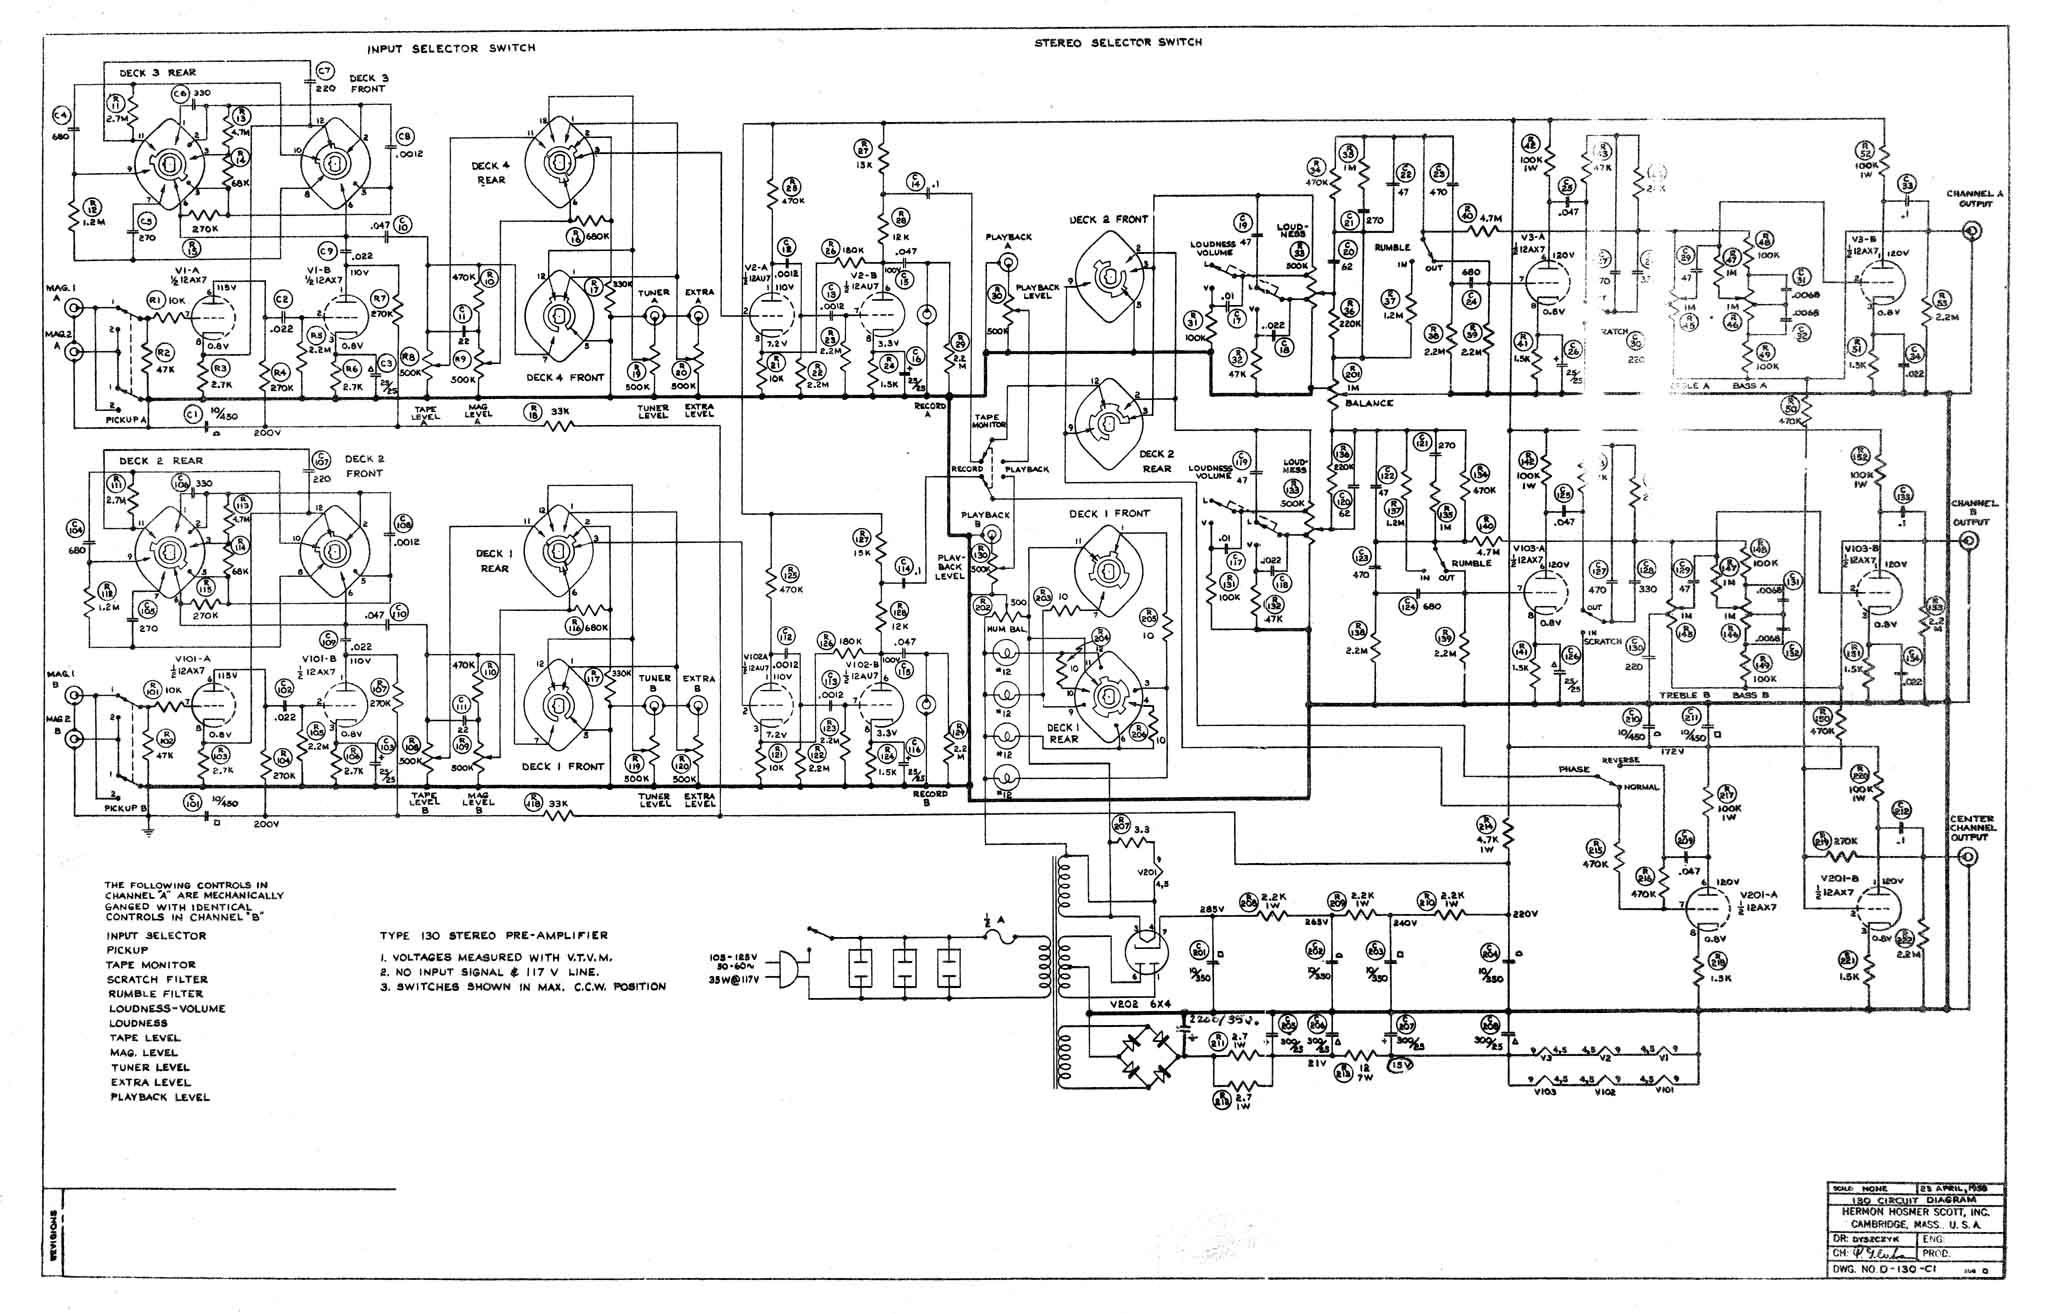 P1981068 สังคมเครื่องเสียงกำลังวิจัยแอมป์หลอดตัวนี้อยู่